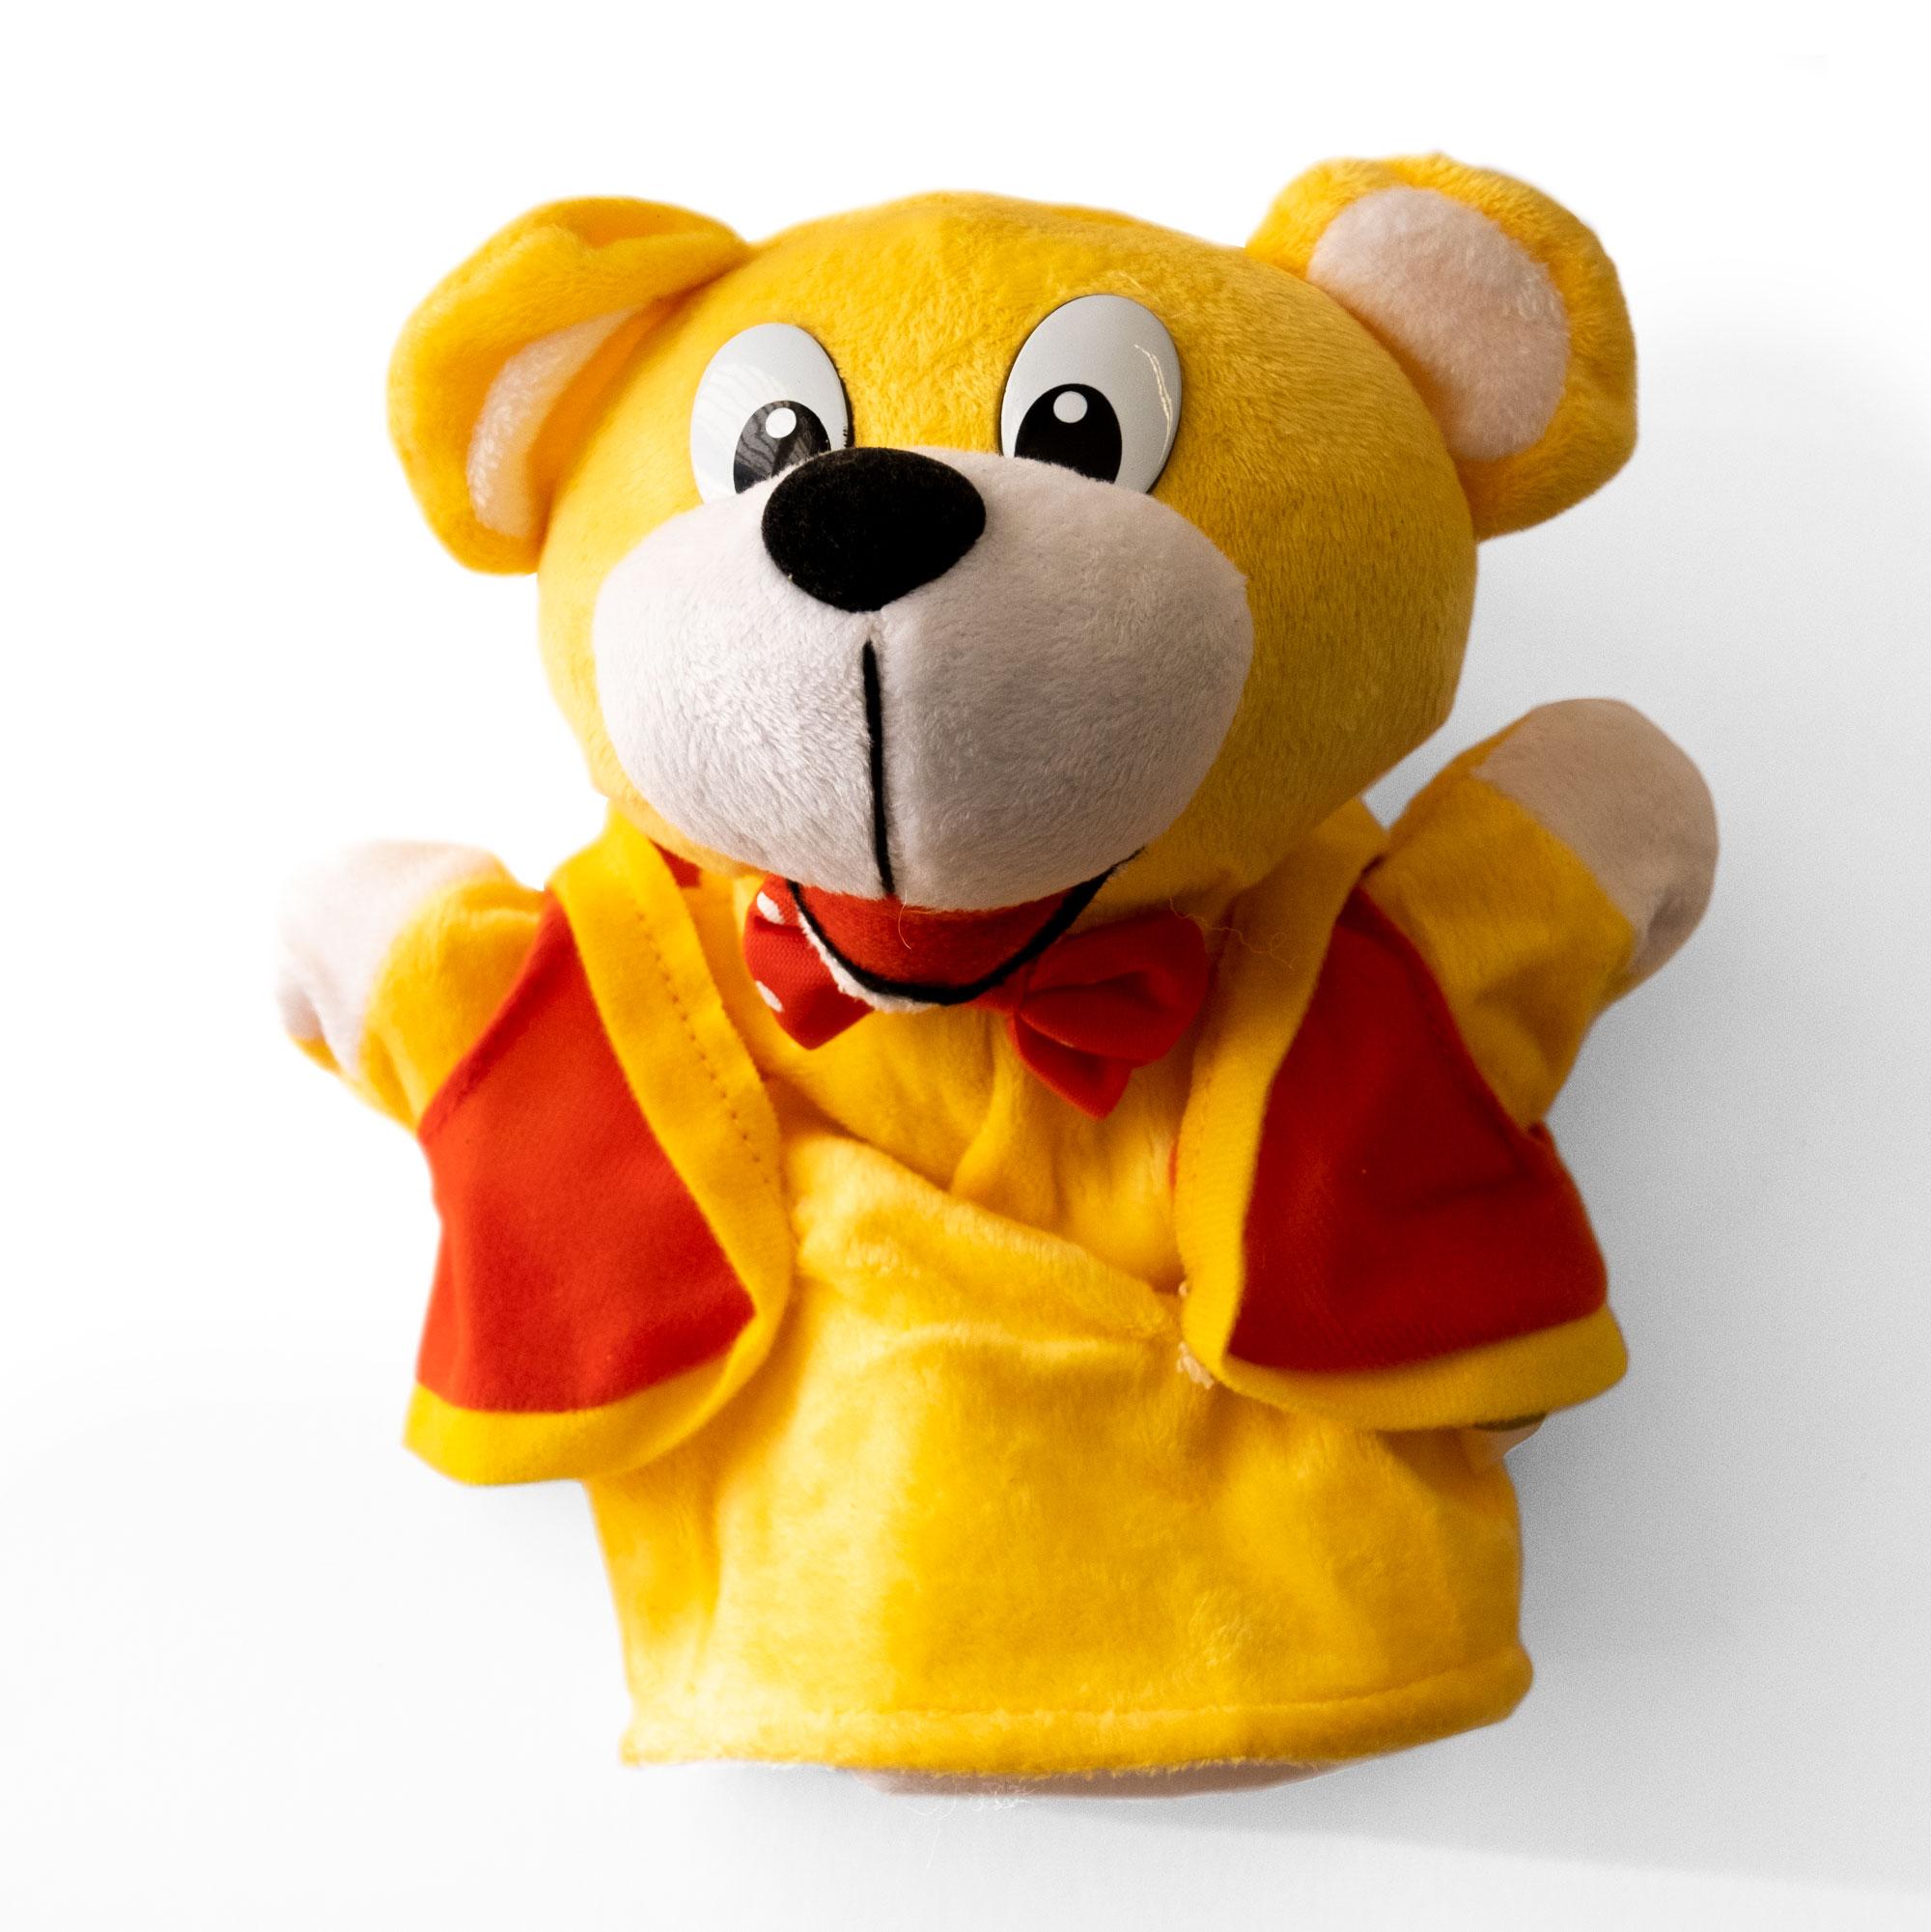 A Woolly Bear hand puppet